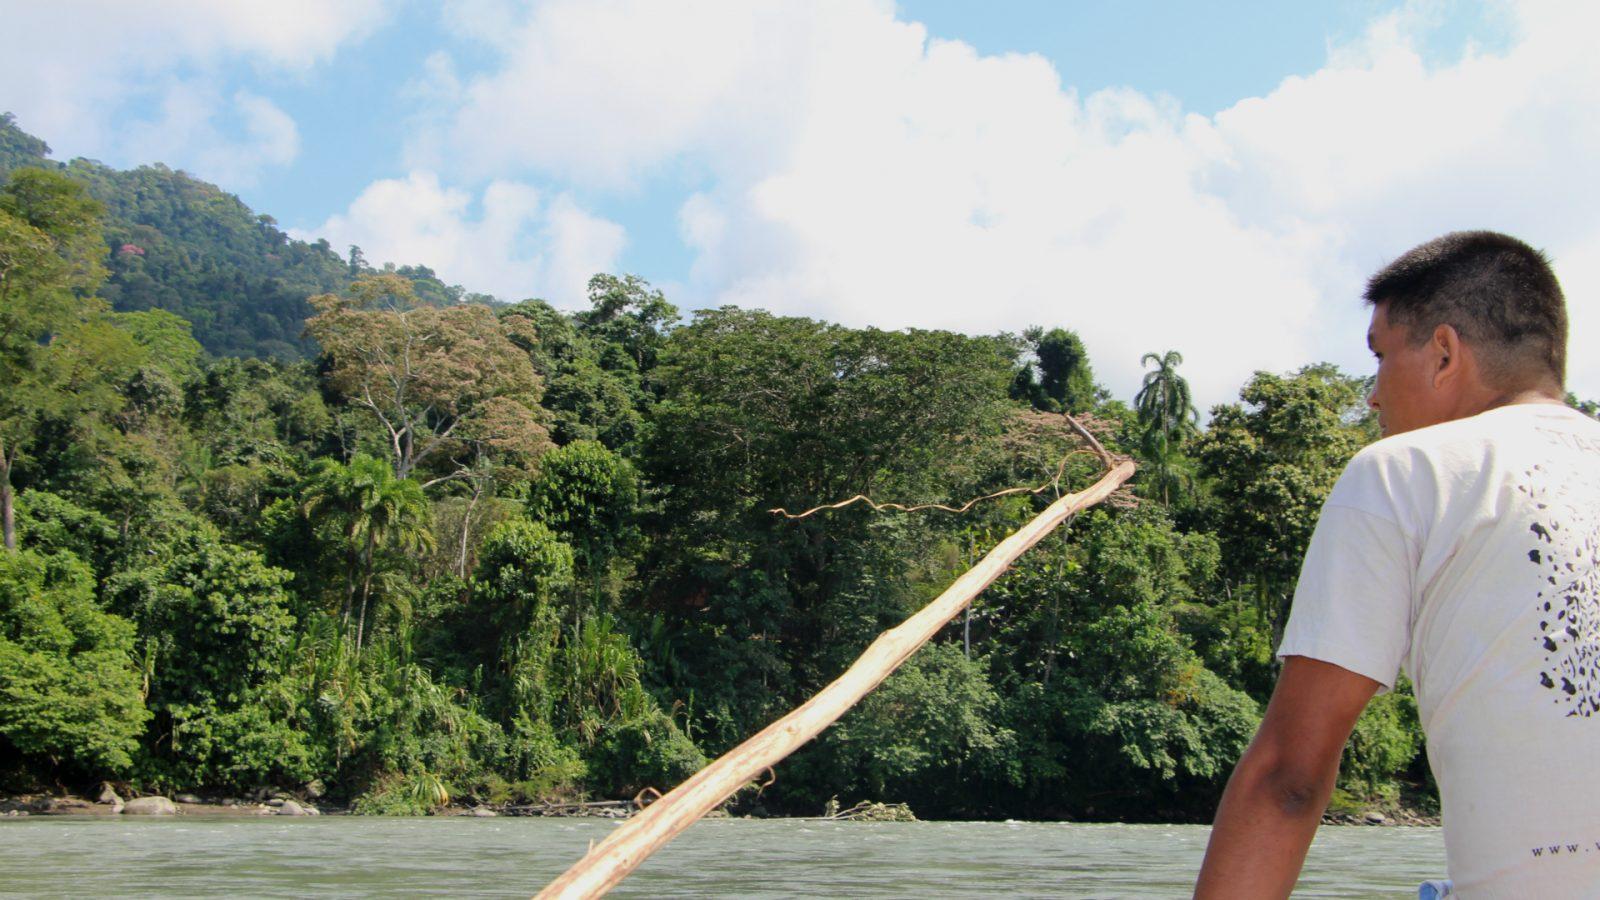 MANU AMAZON JUNGLE TOURS BY INKA TRAIL TREK